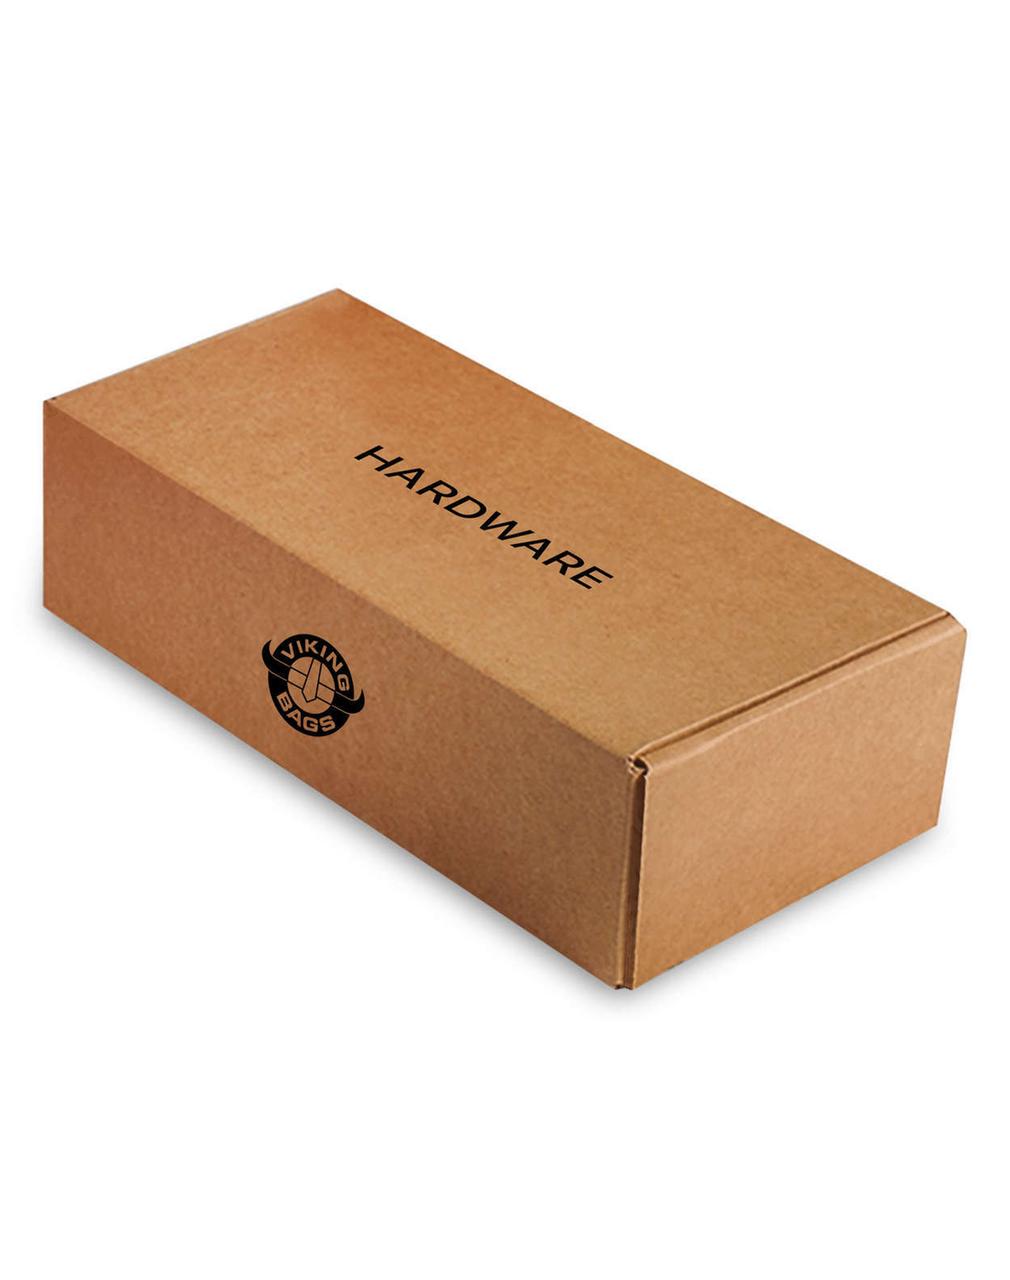 Honda VTX 1300 C Medium Slanted Studded Motorcycle Saddlebags Hardware Box